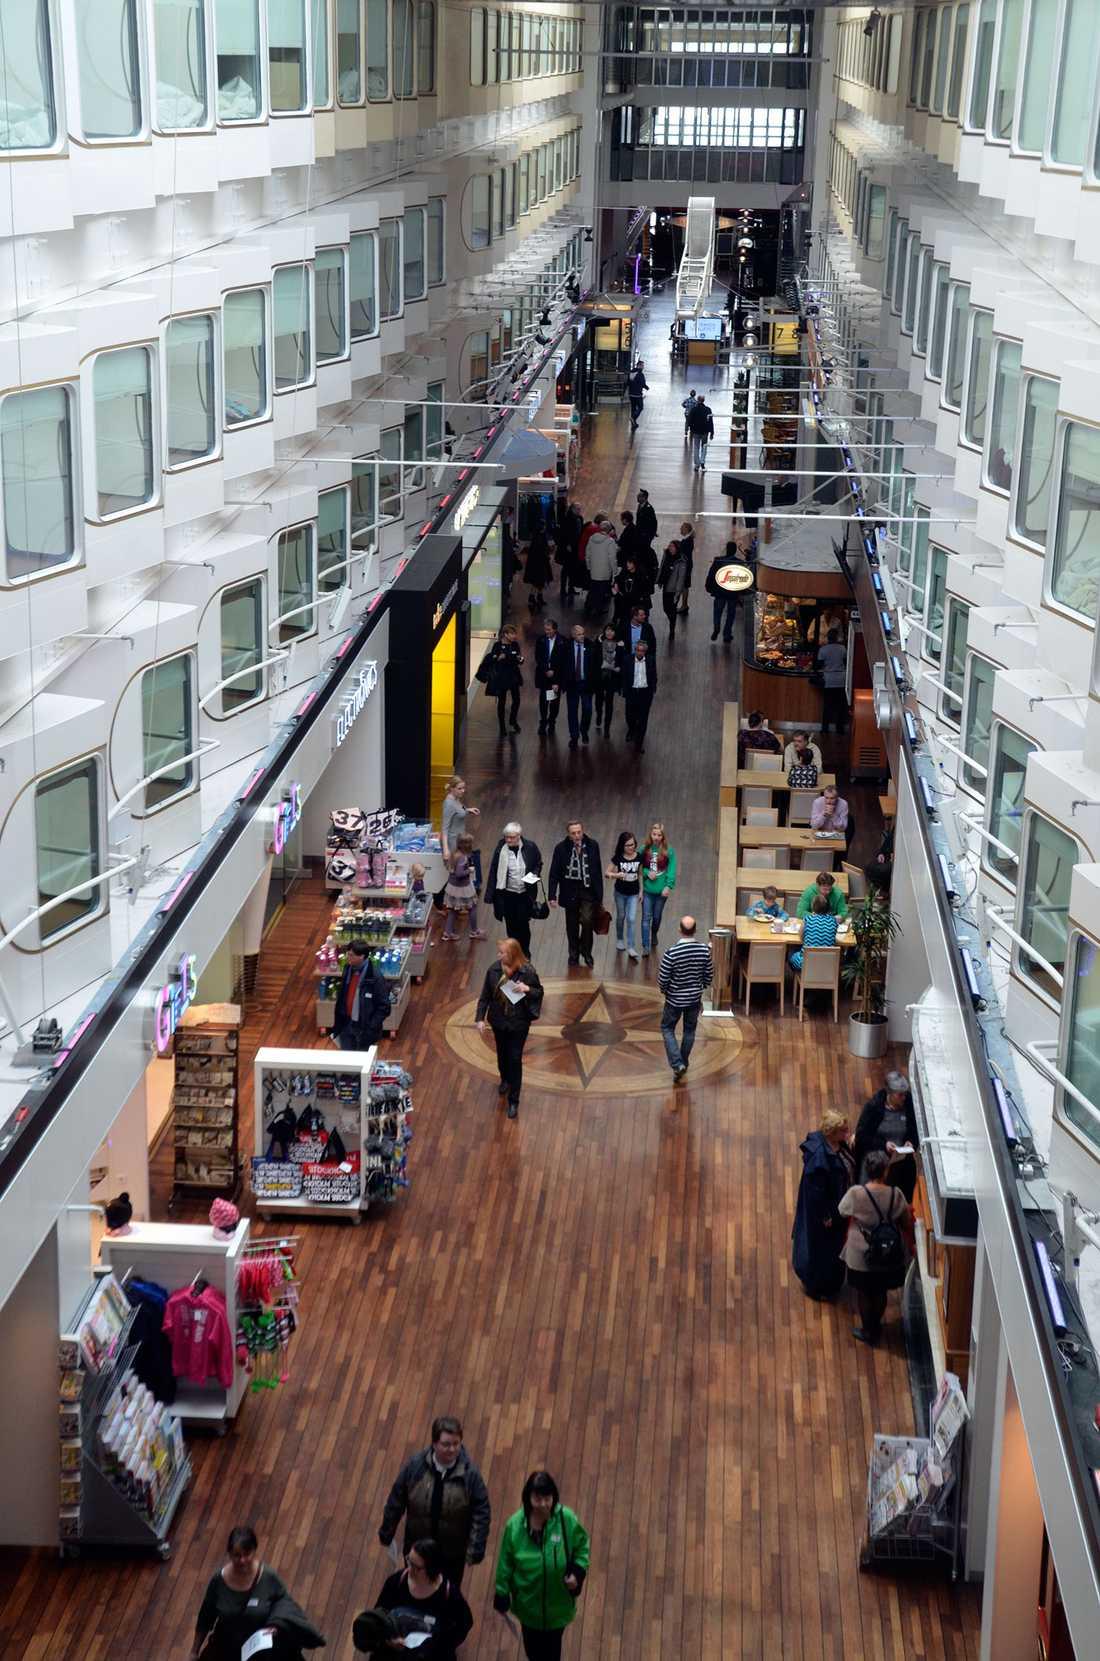 Främsta kännetecknet för Silja Serenade och Symphony är det 140 meter långa och 8 meter breda promenaddäcket mitt i fartygen, kantat av butiker och nöjen.